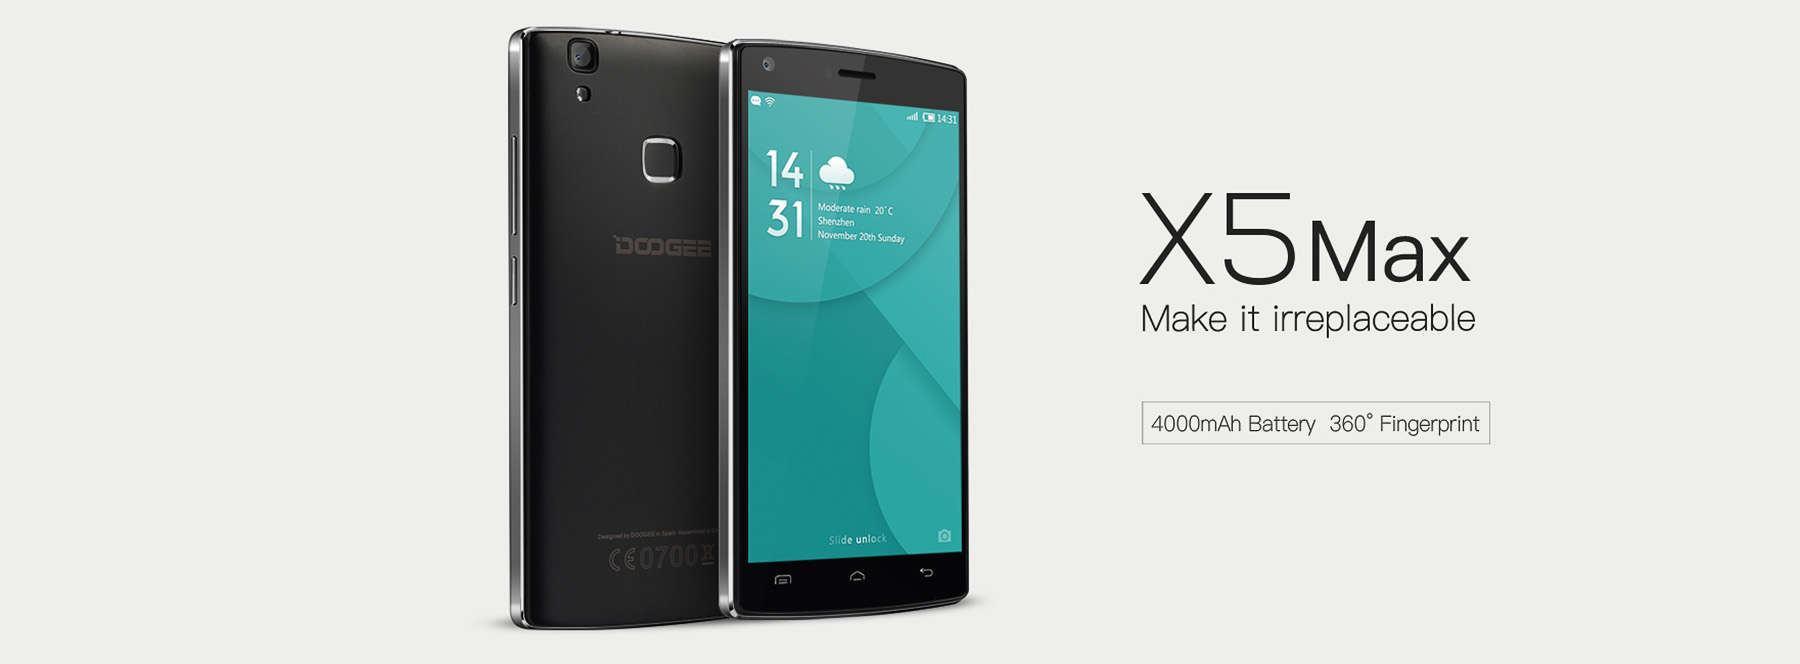 DOOGEE X5 MAX 3G